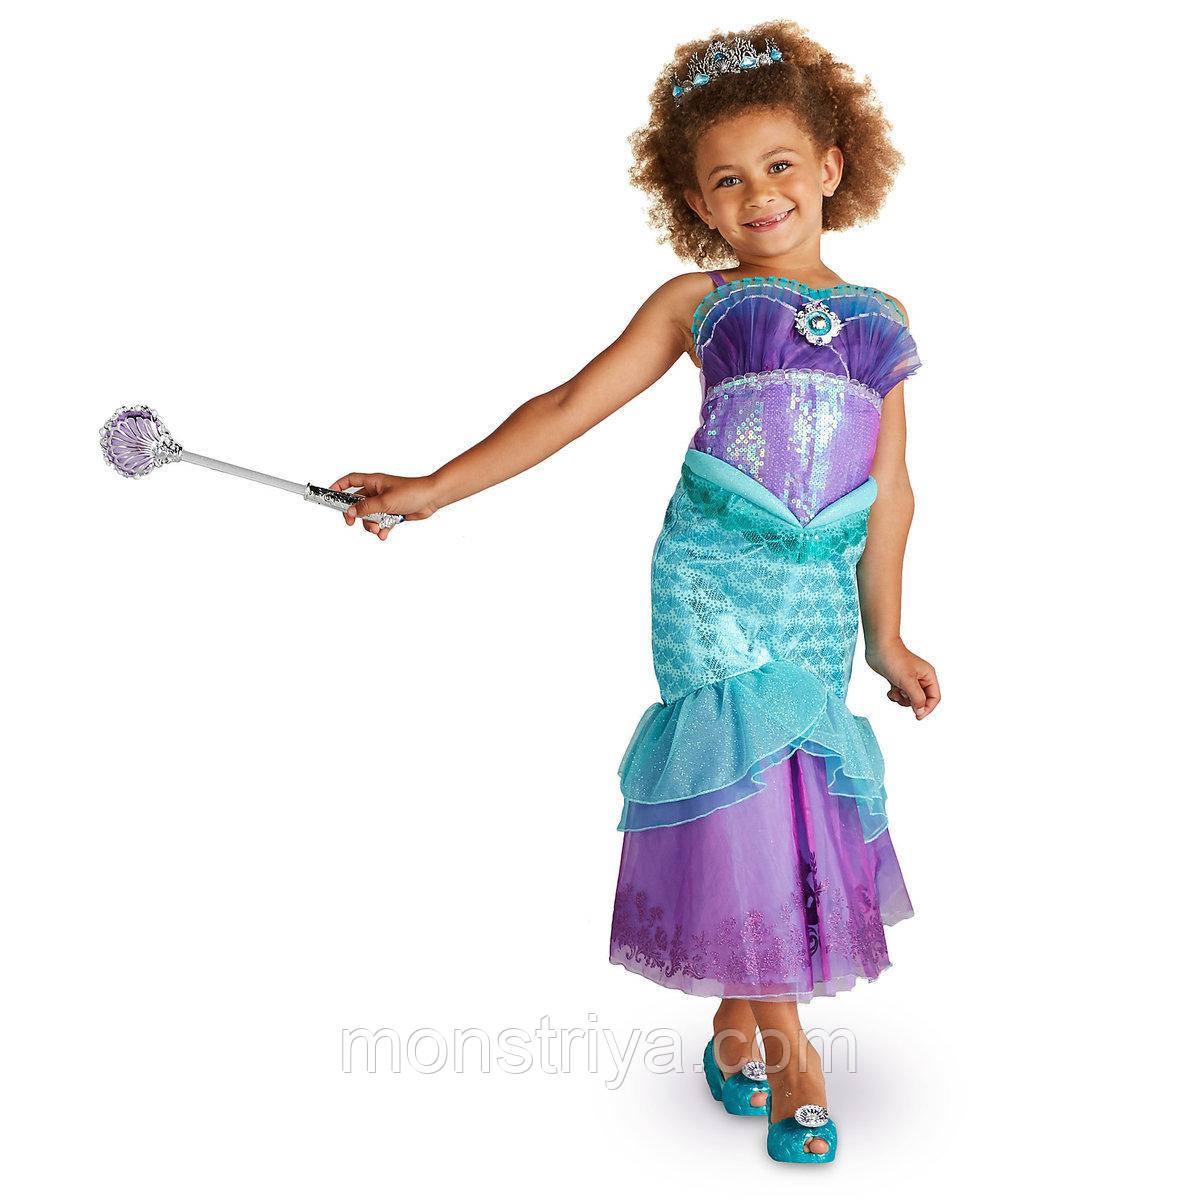 badcaaadbc8 Карнавальный костюм русалочки Ариэль Платье+корона+ волшебная палочка  Disney